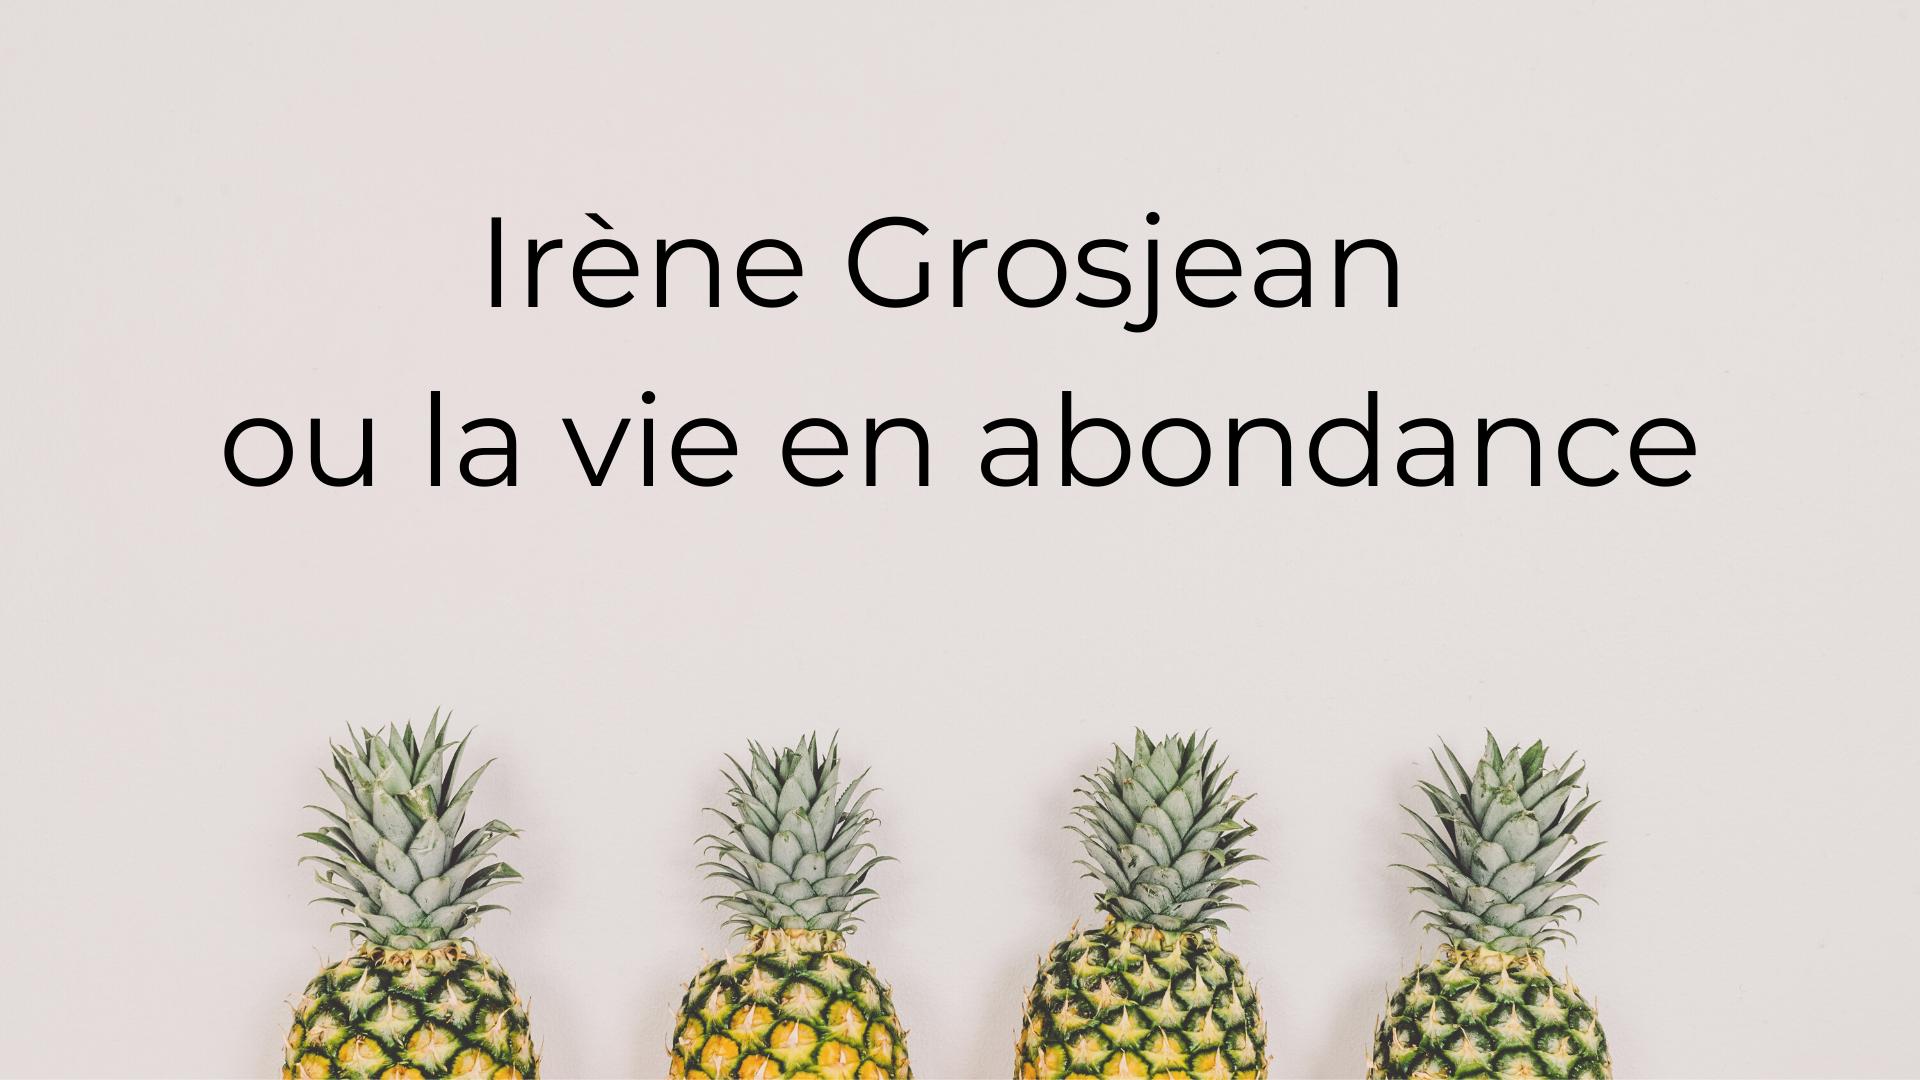 Video_Irene Grosjean